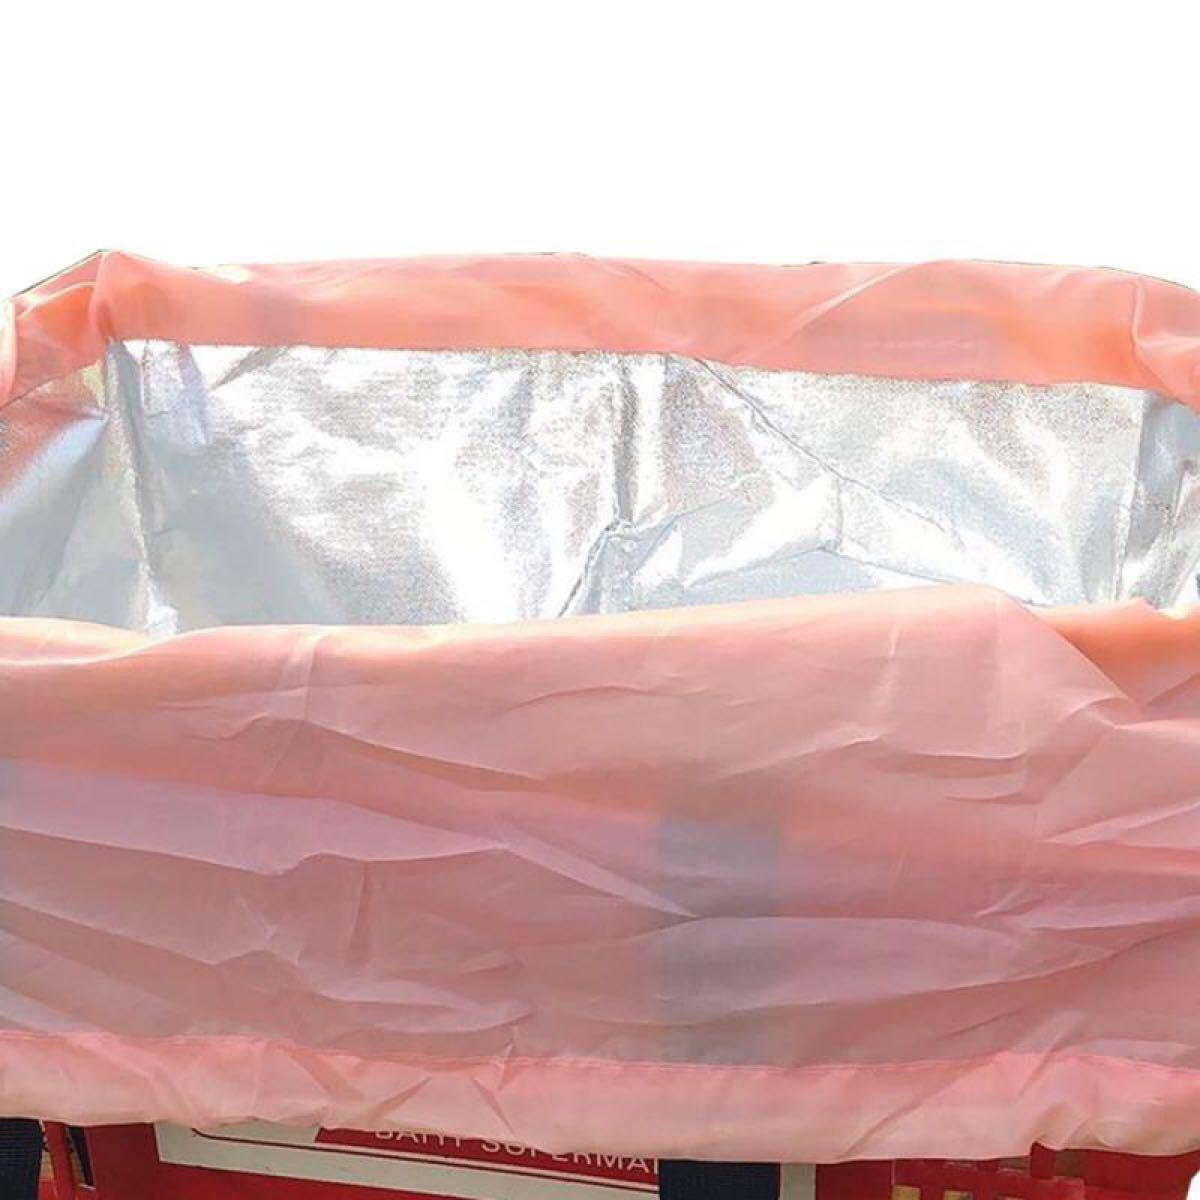 レジカゴバッグ 保冷 エコバッグ コンビニバッグ 大容量 当日発送